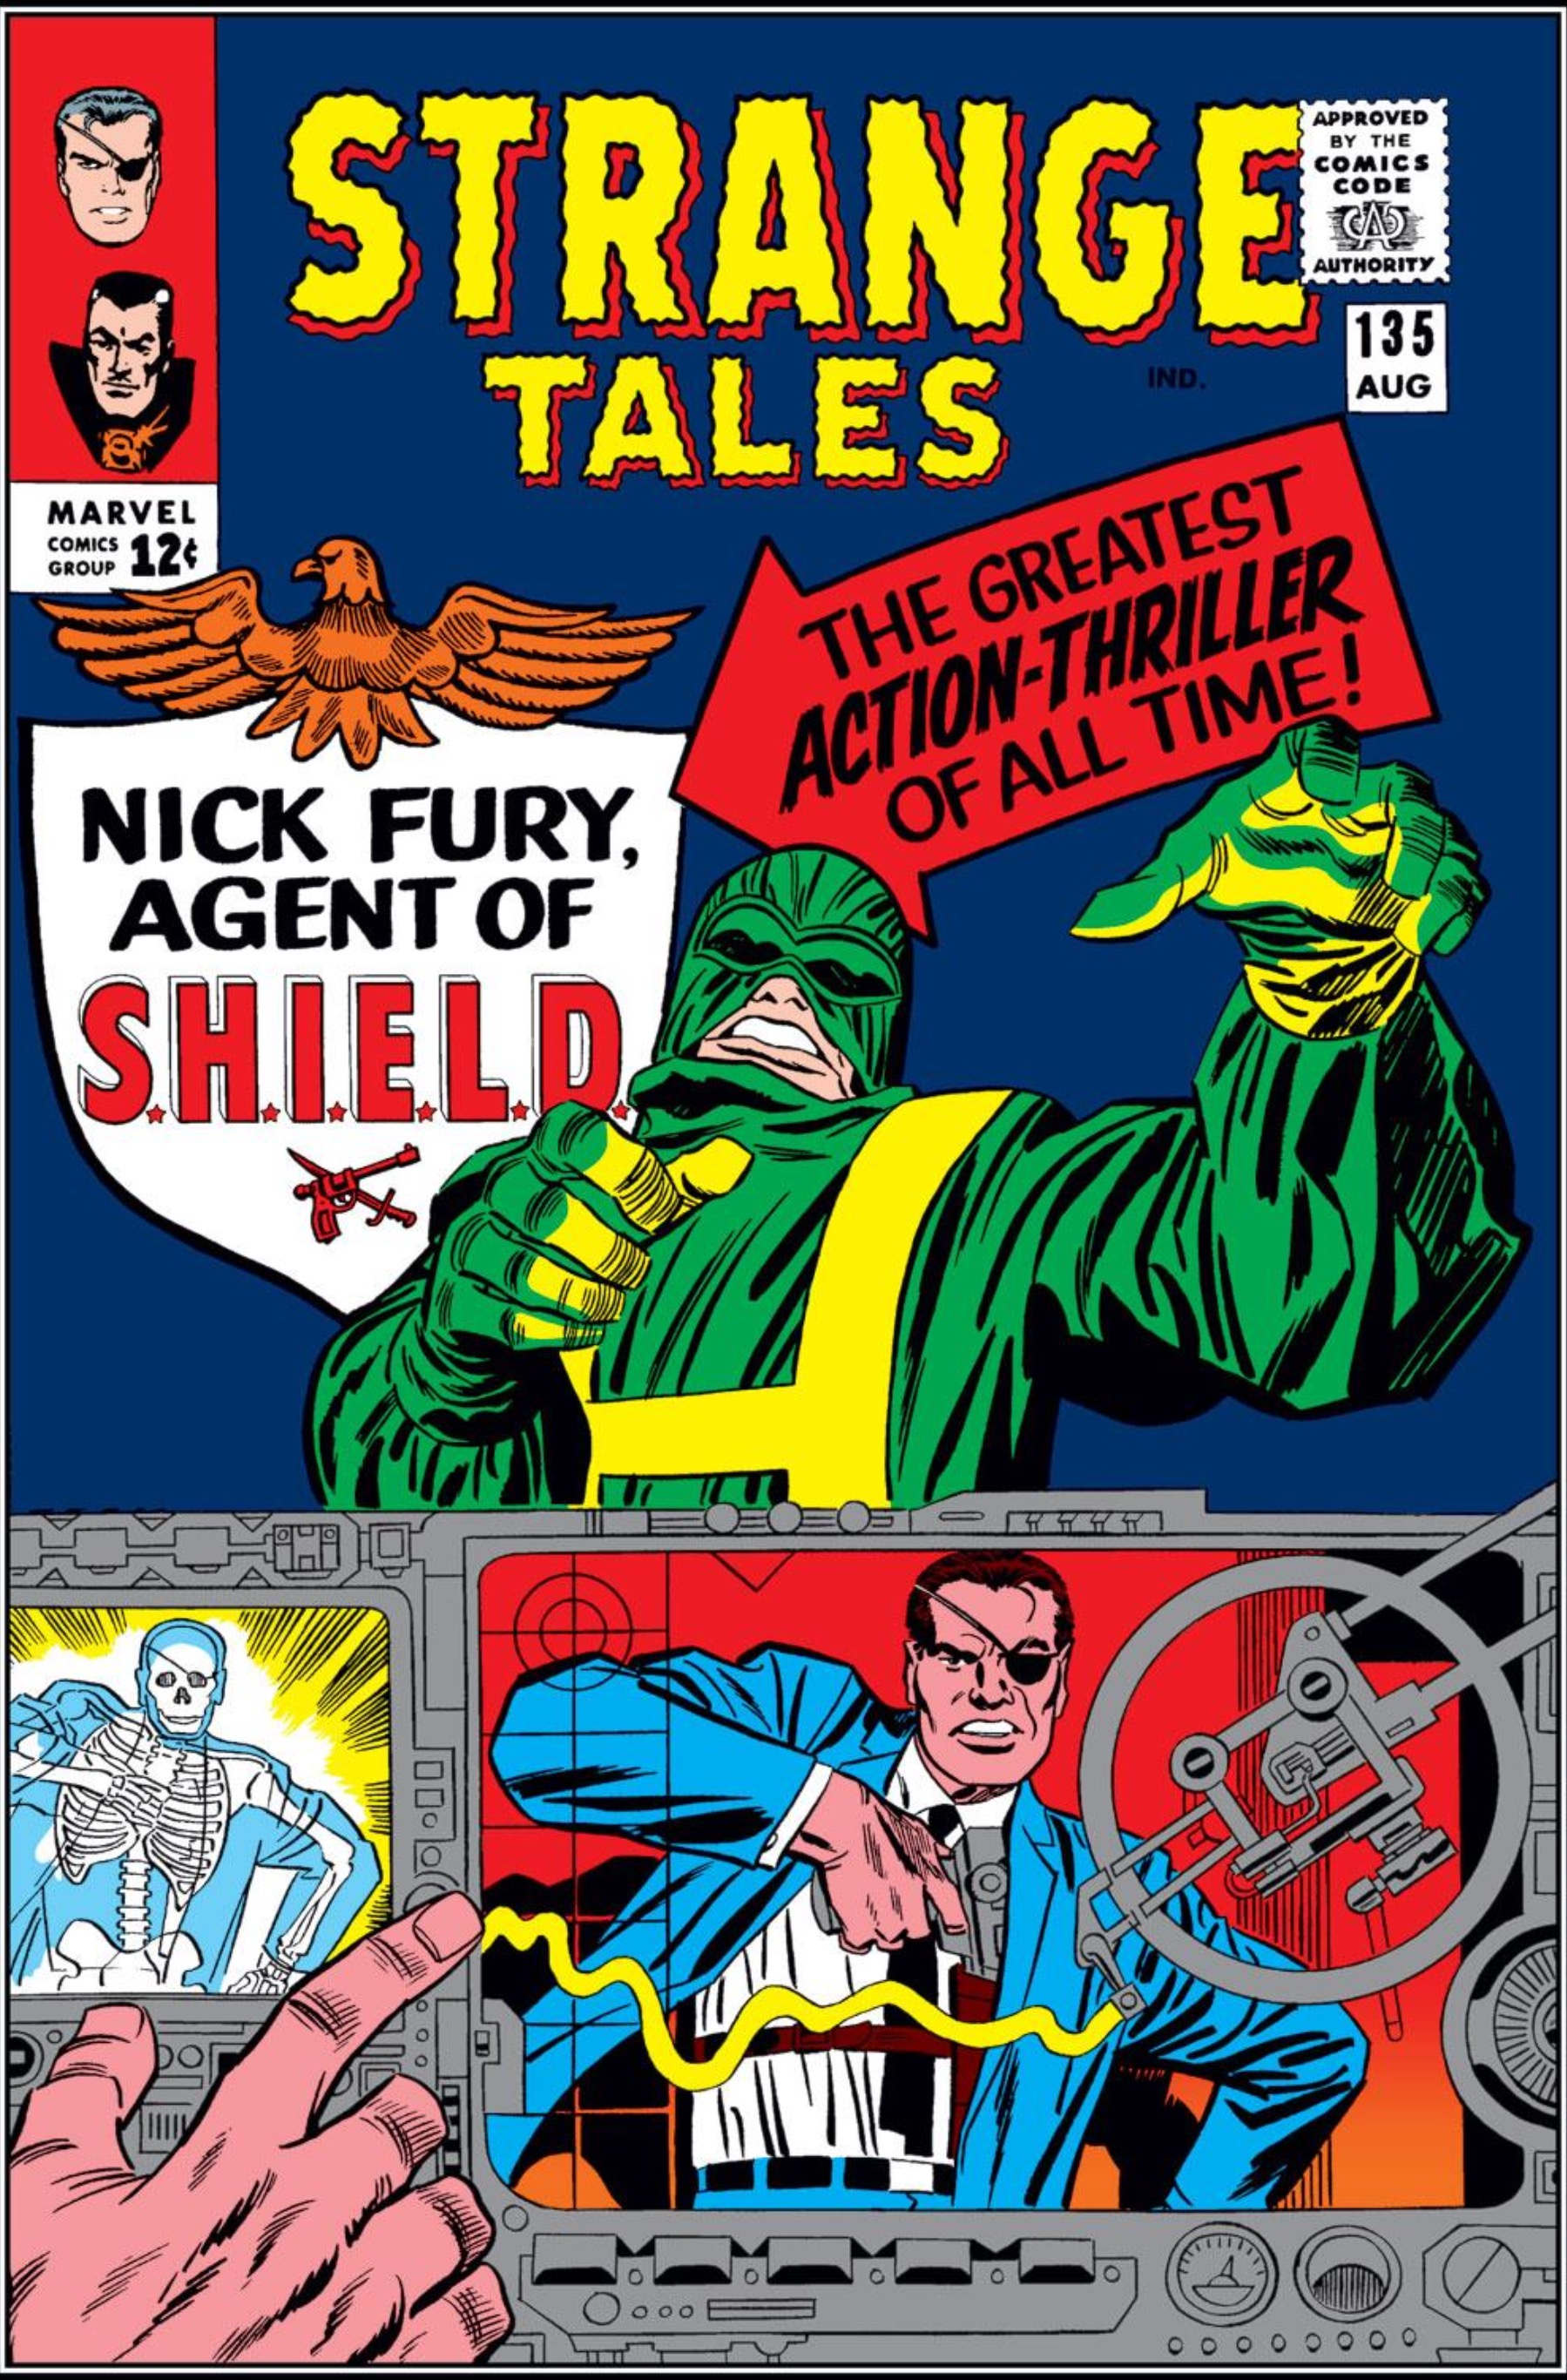 Strange Tales #135 cover